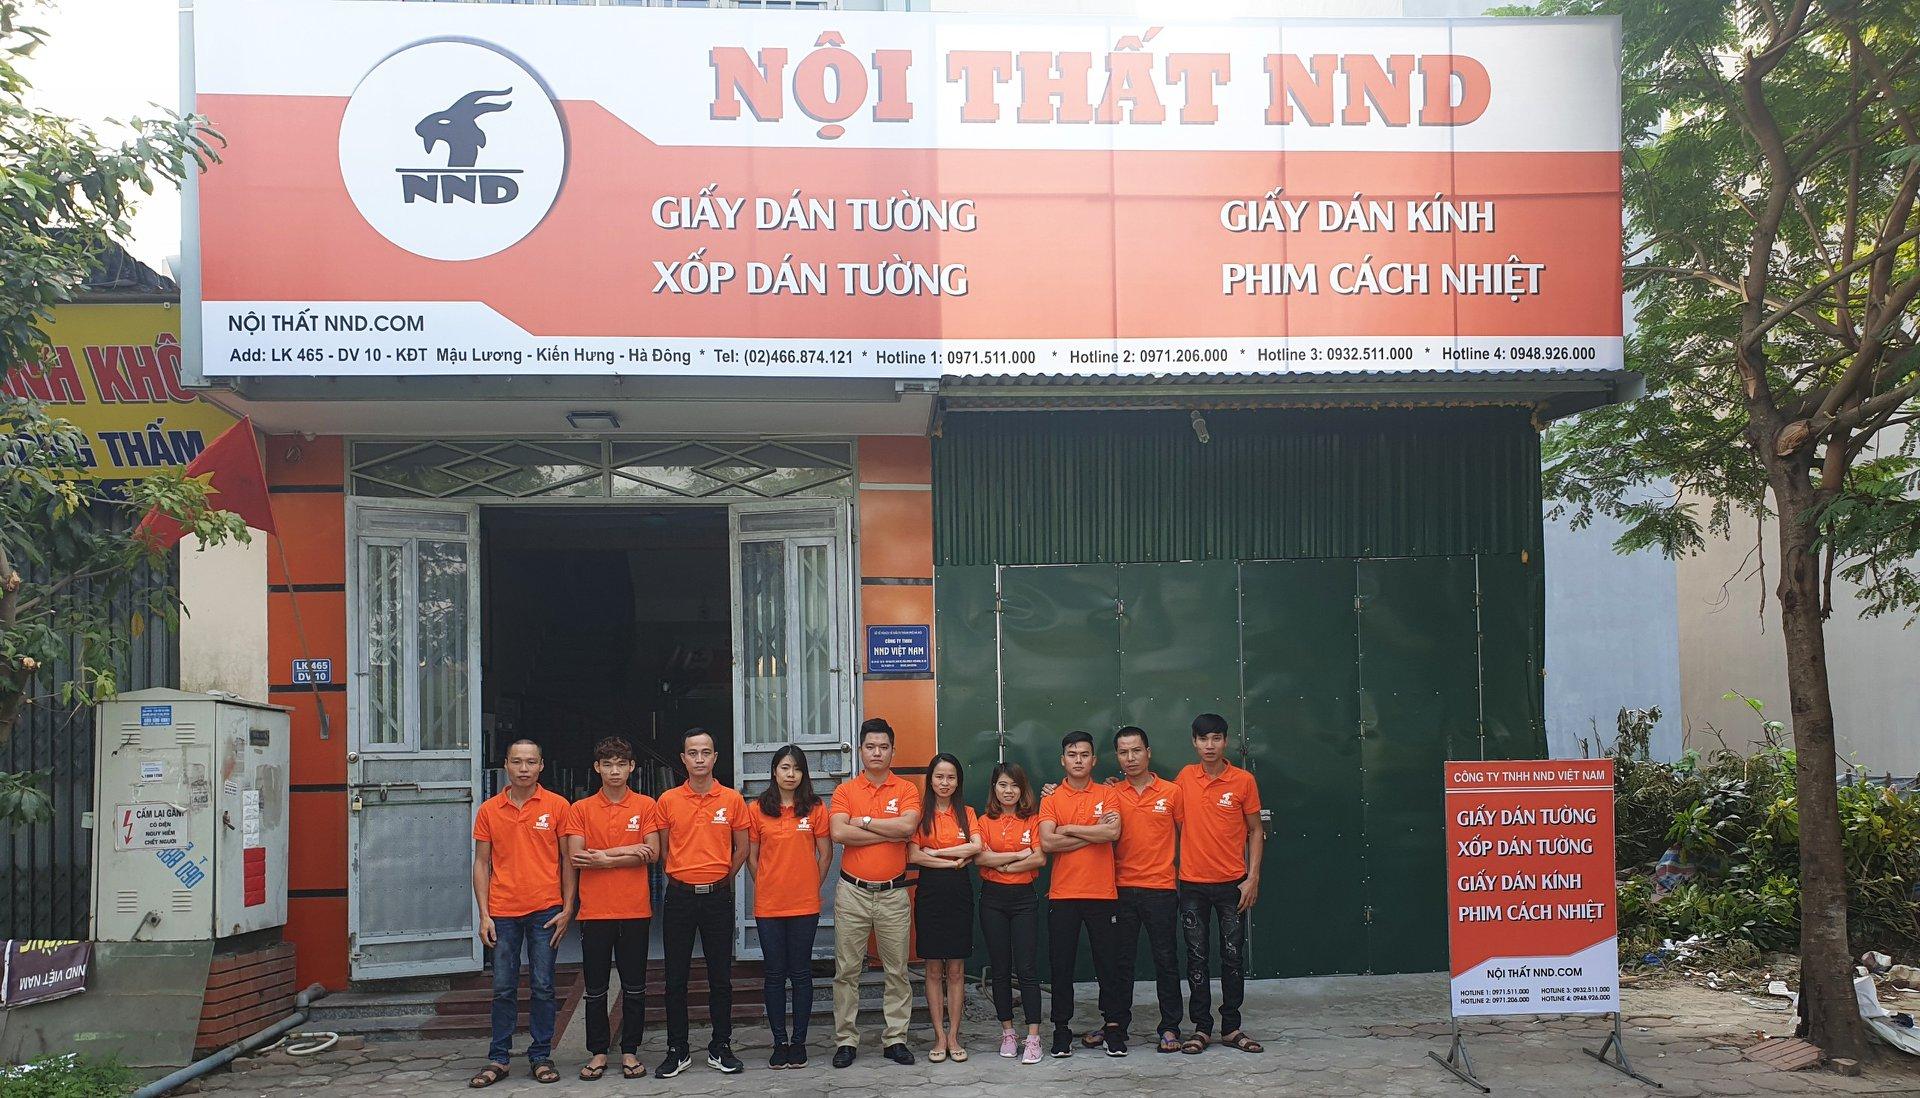 NND là địa chỉ cung cấp và thi công giấy decal dán kính uy tín nhất tại quận Hoàn Kiếm